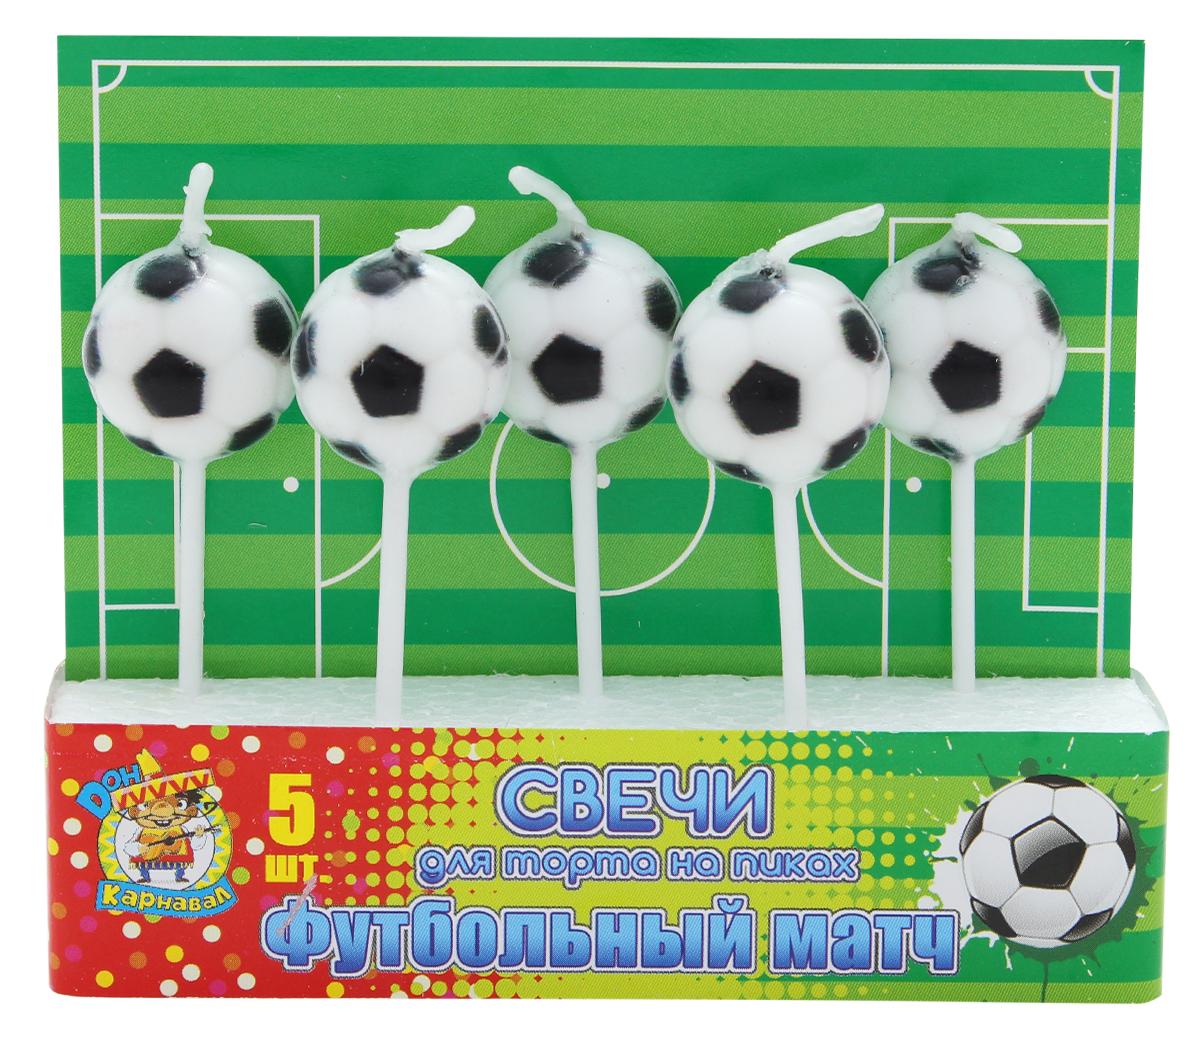 Miland Свечи для торта Футбольный матч 5 шт miland свечи для торта футбольный матч 5 шт